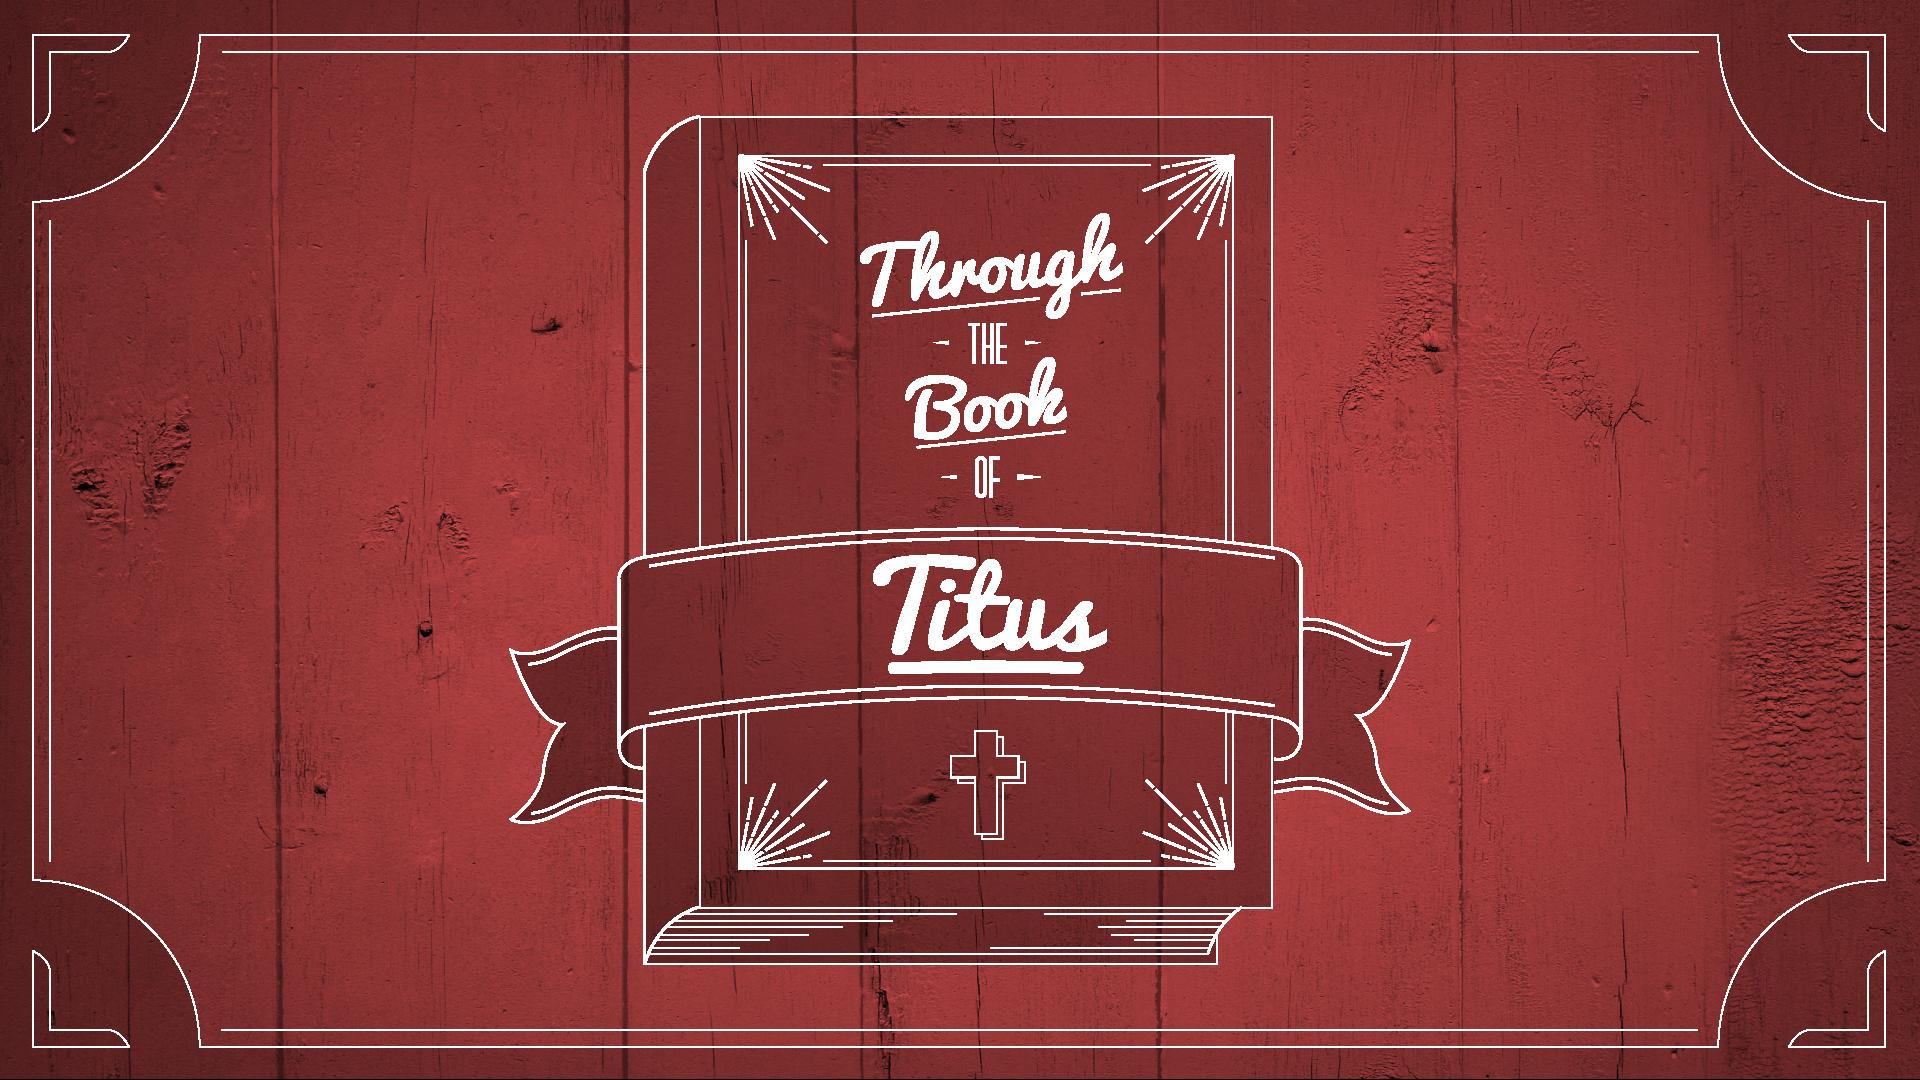 티투스의 책